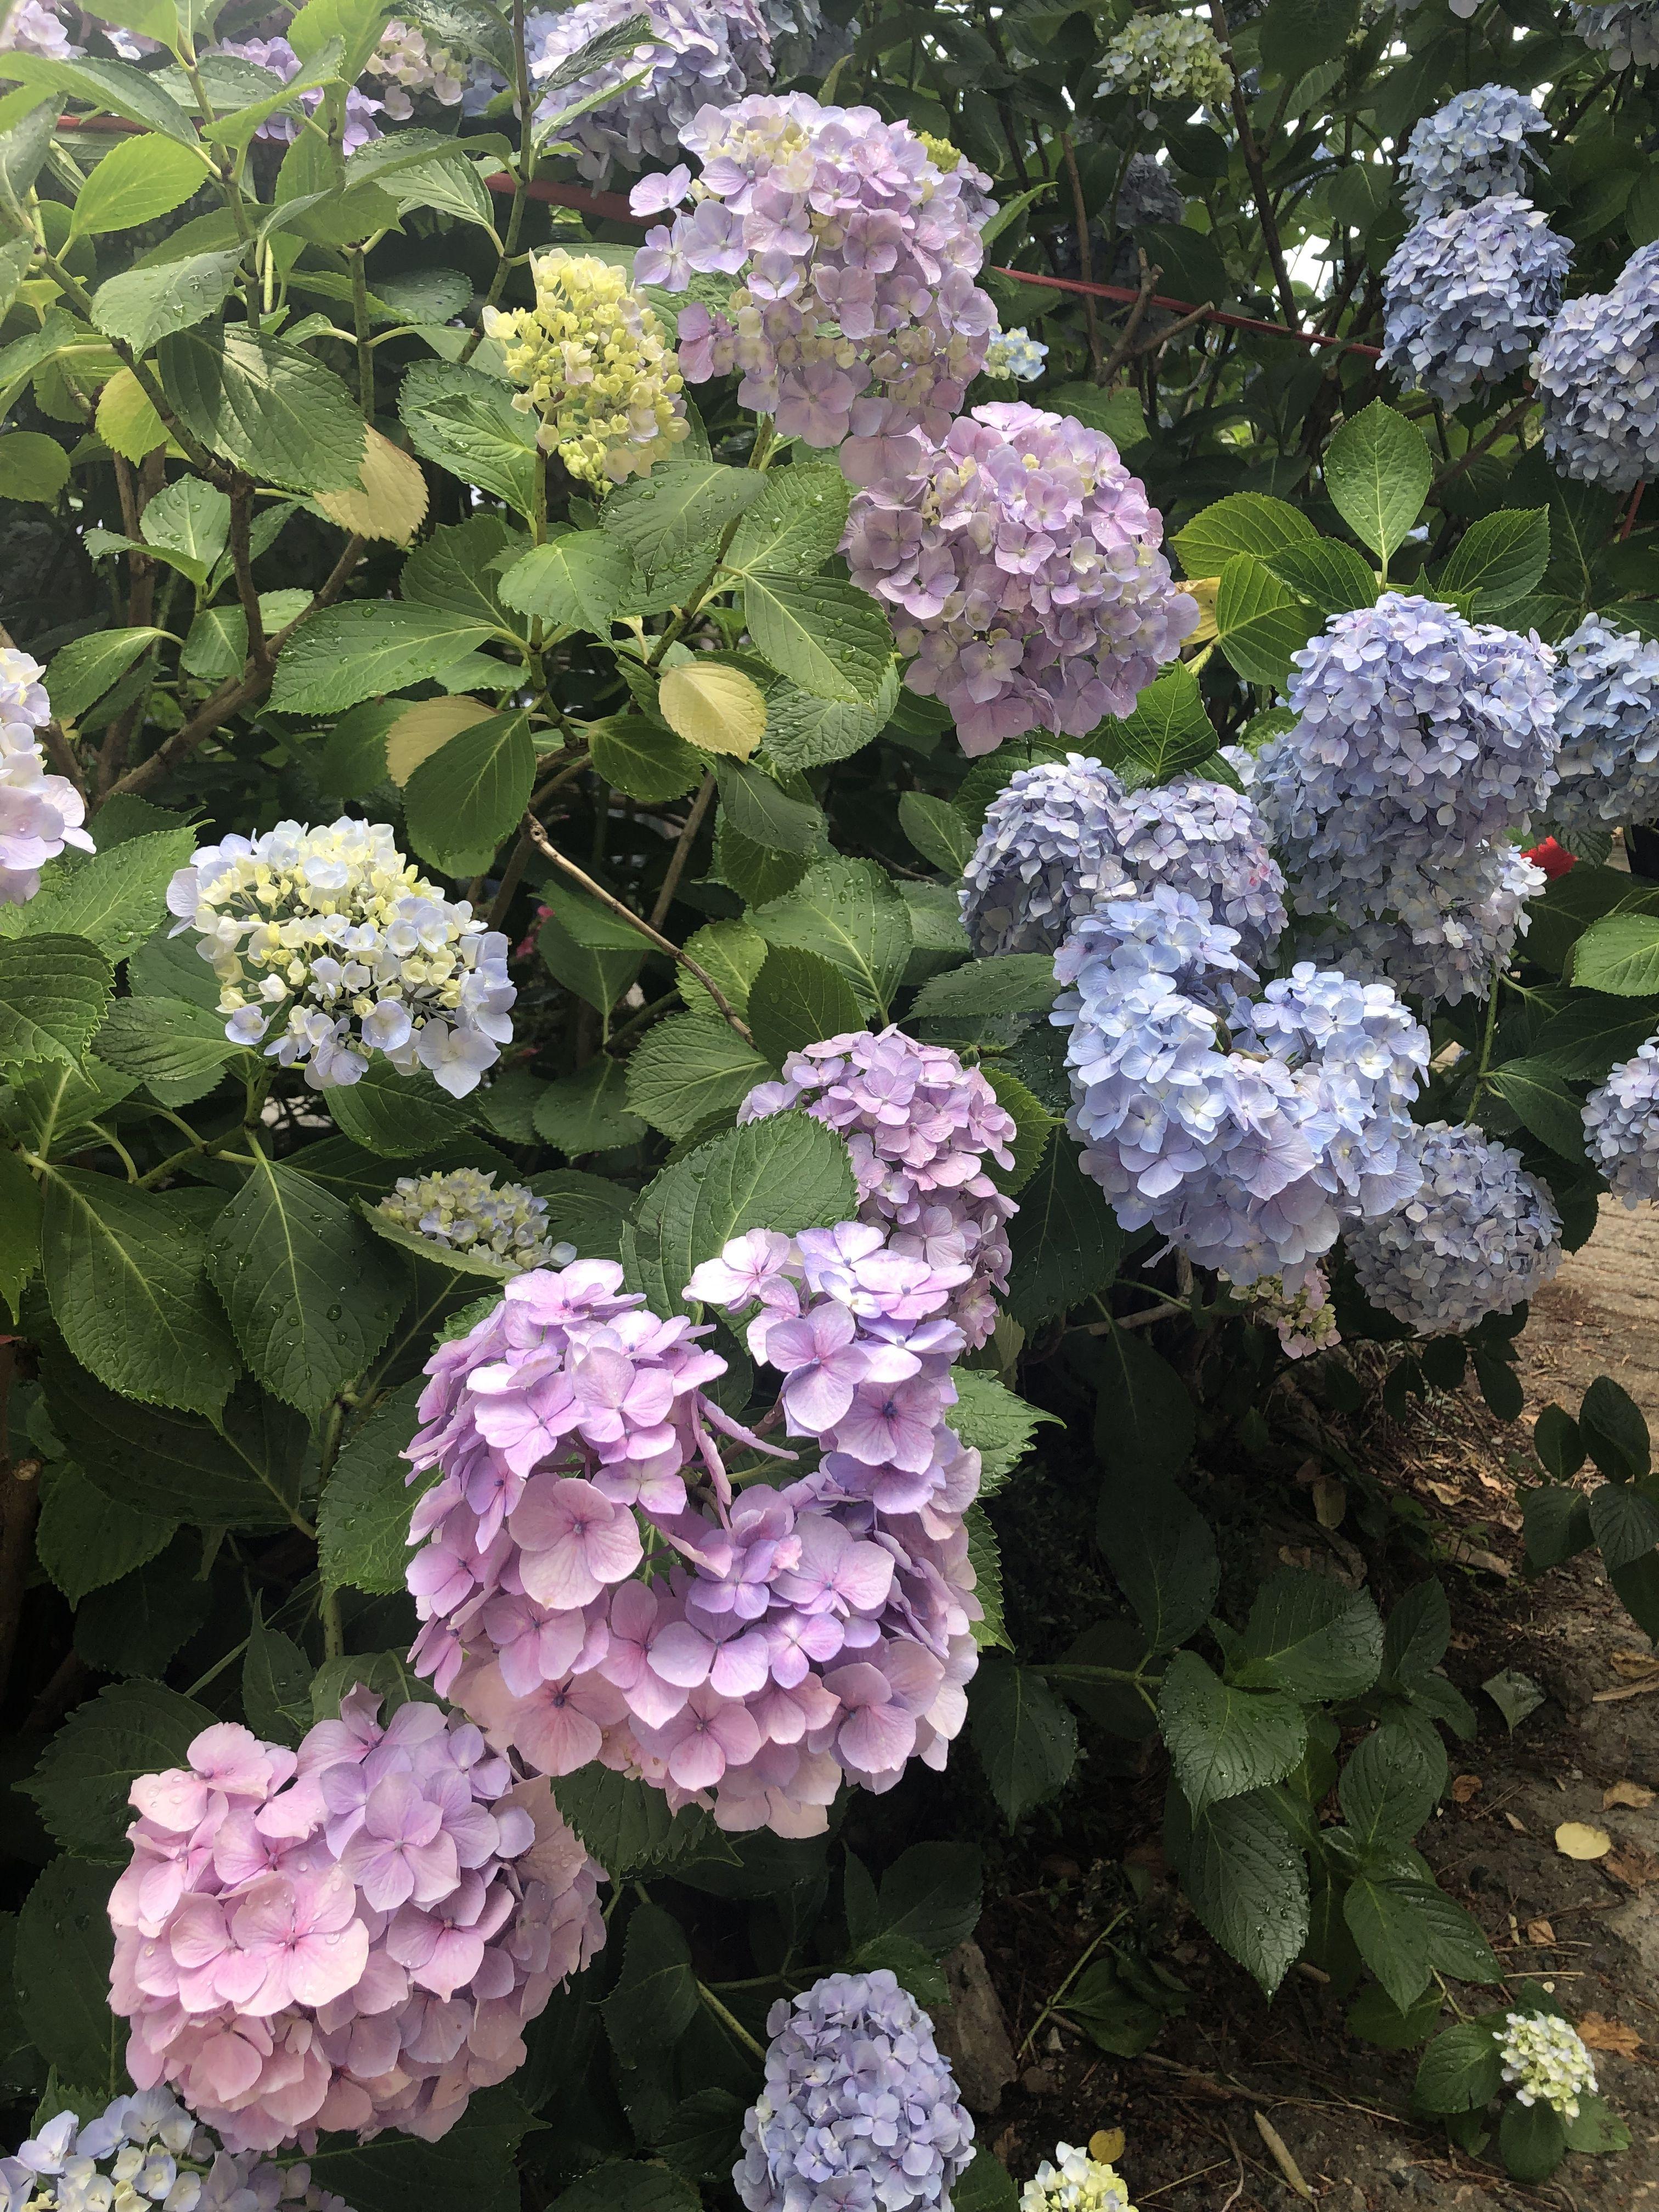 Pin By Brenda Shoemaker On 수국 Hydrangea Hydrangea Flowers Flower Power